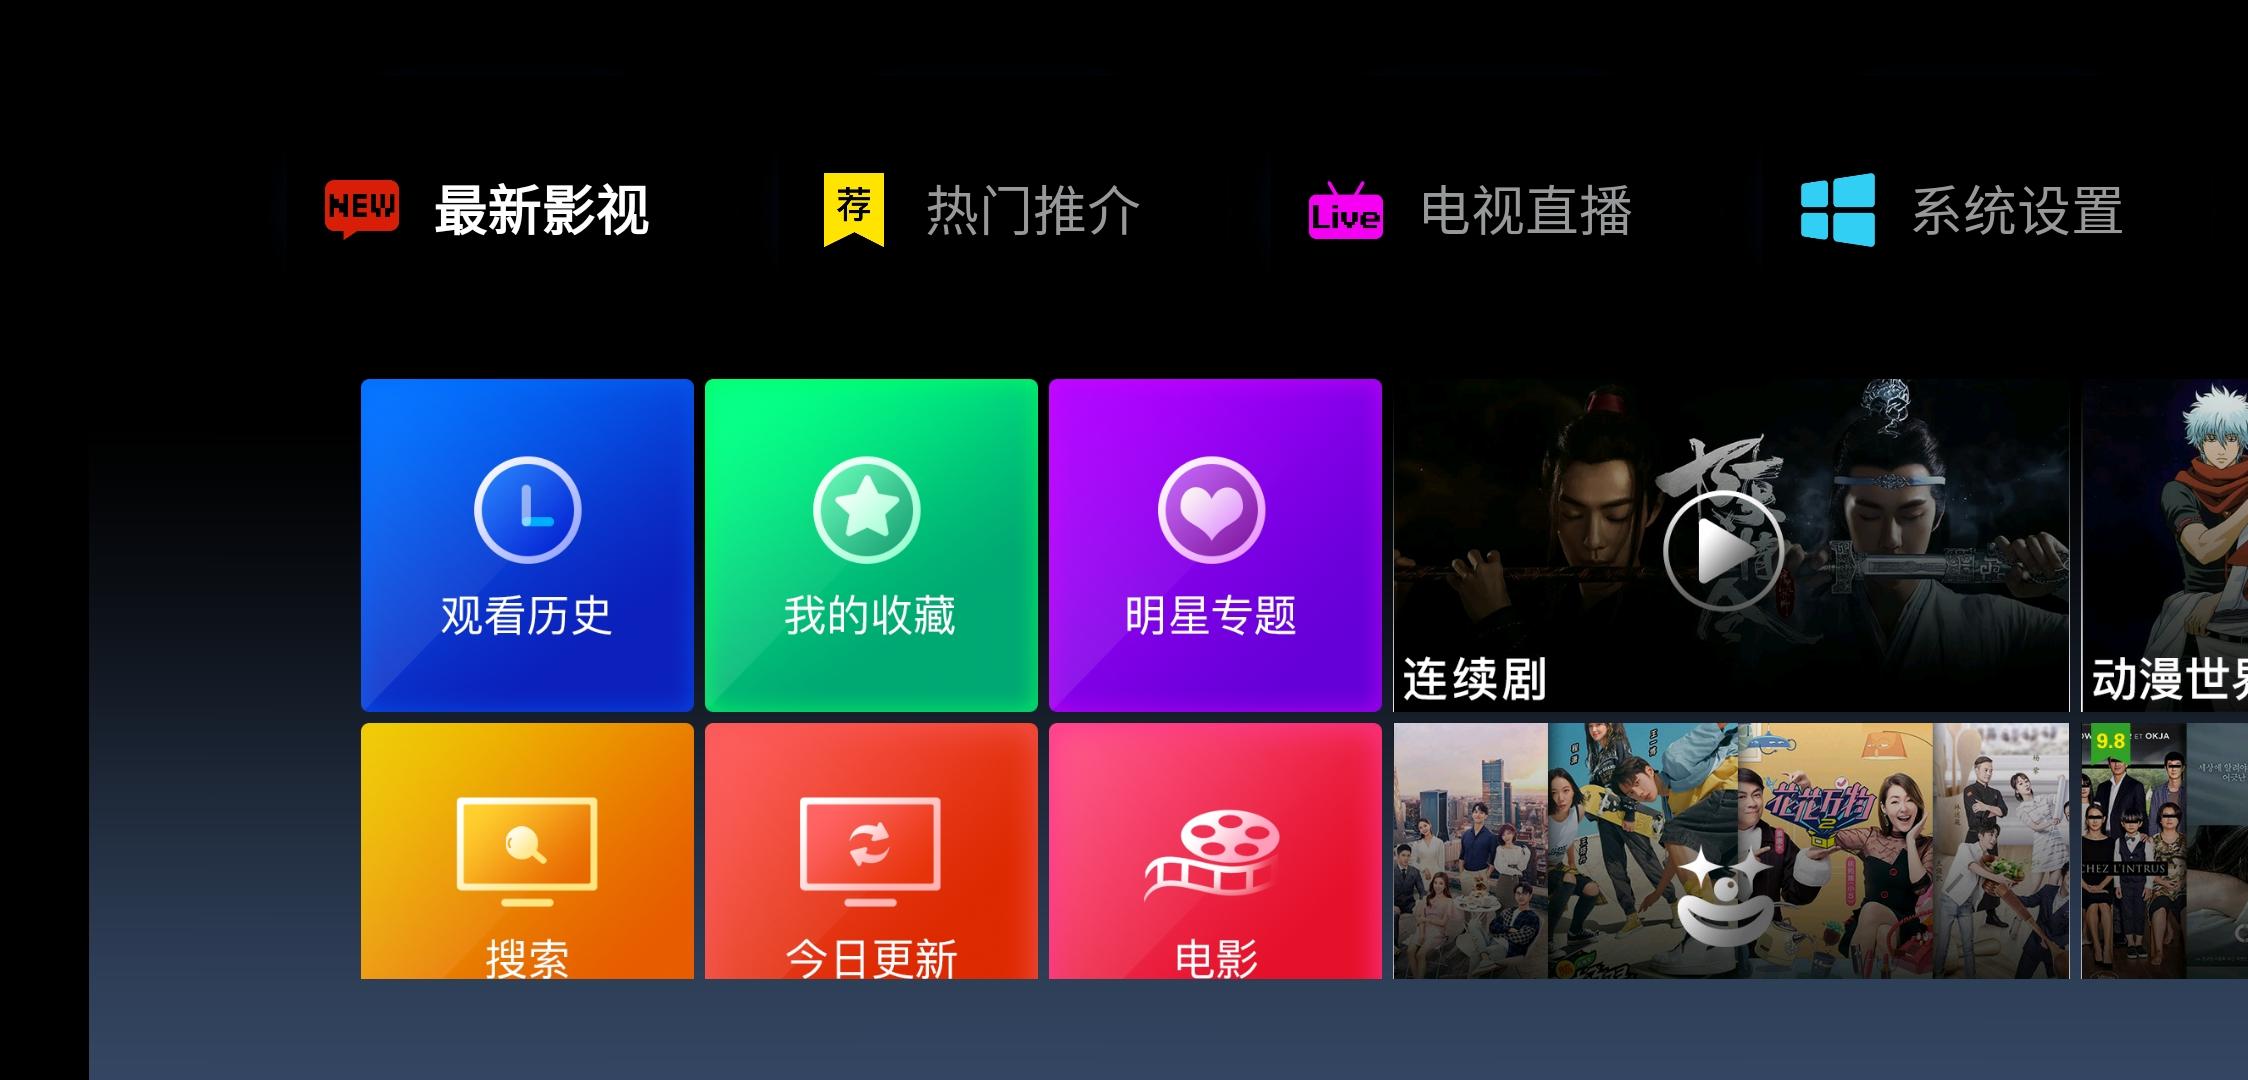 顶级影视:安卓TV盒子神器